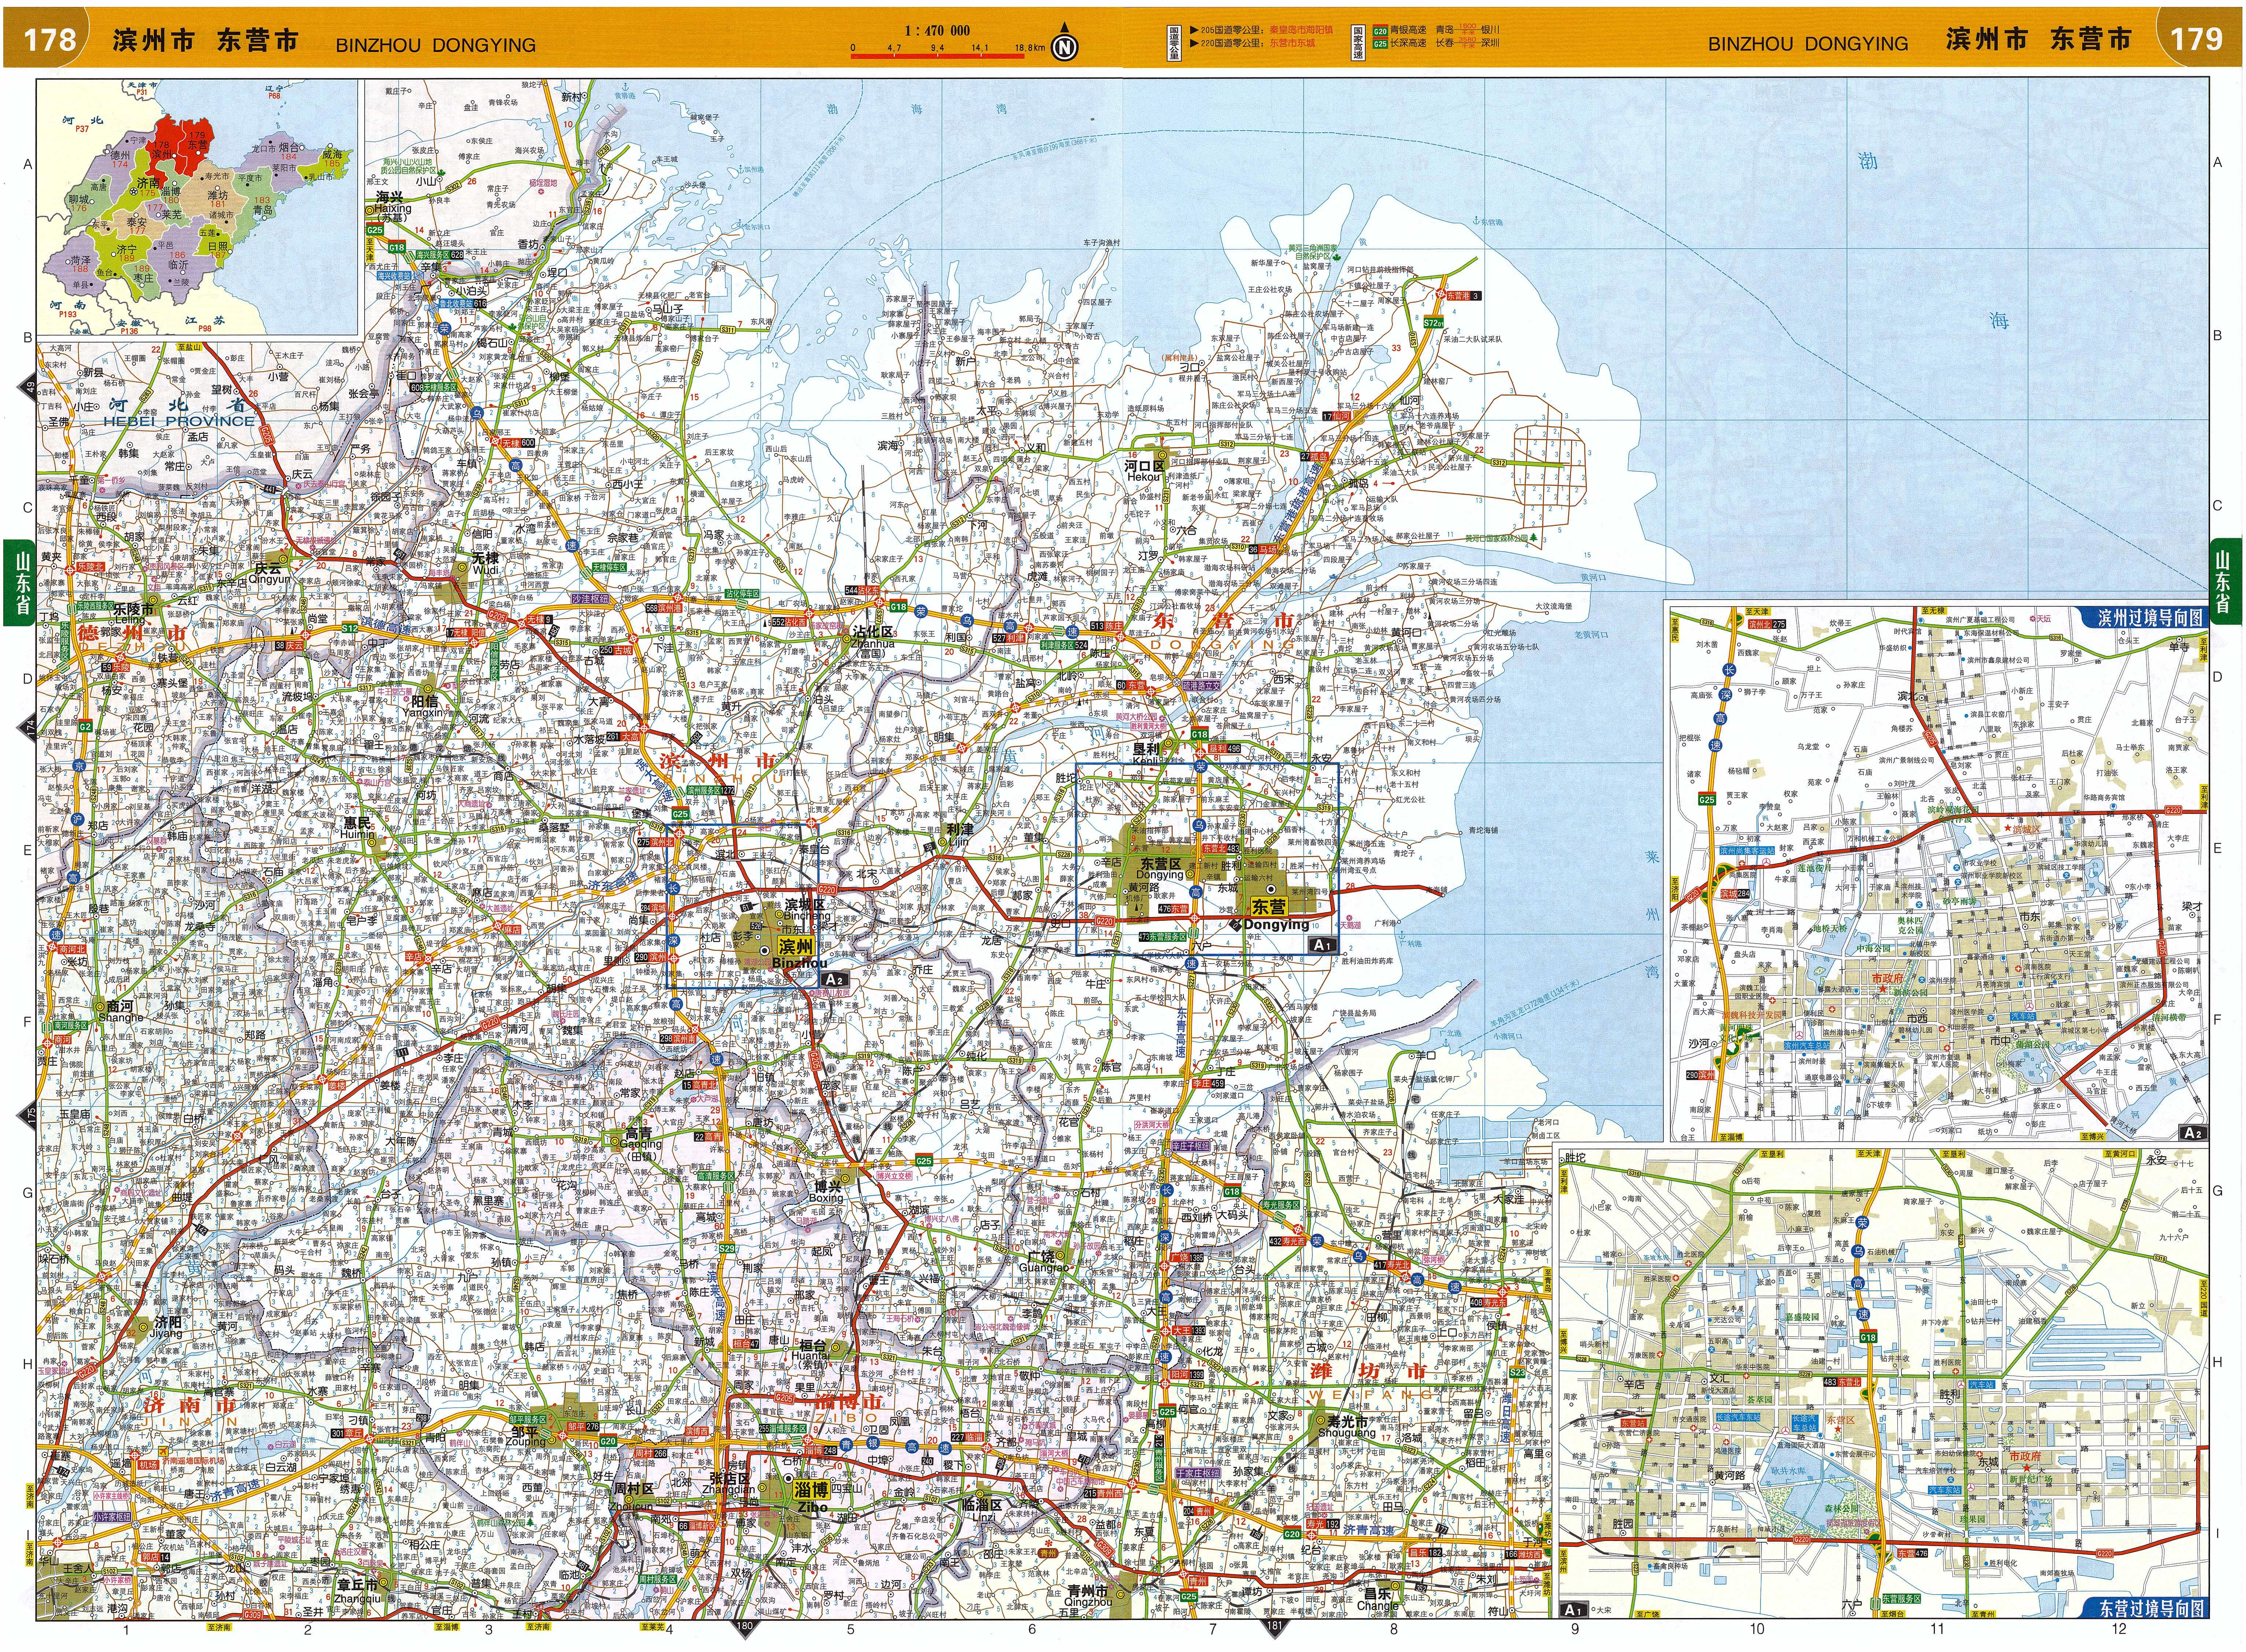 滨州市,东营市交通地图